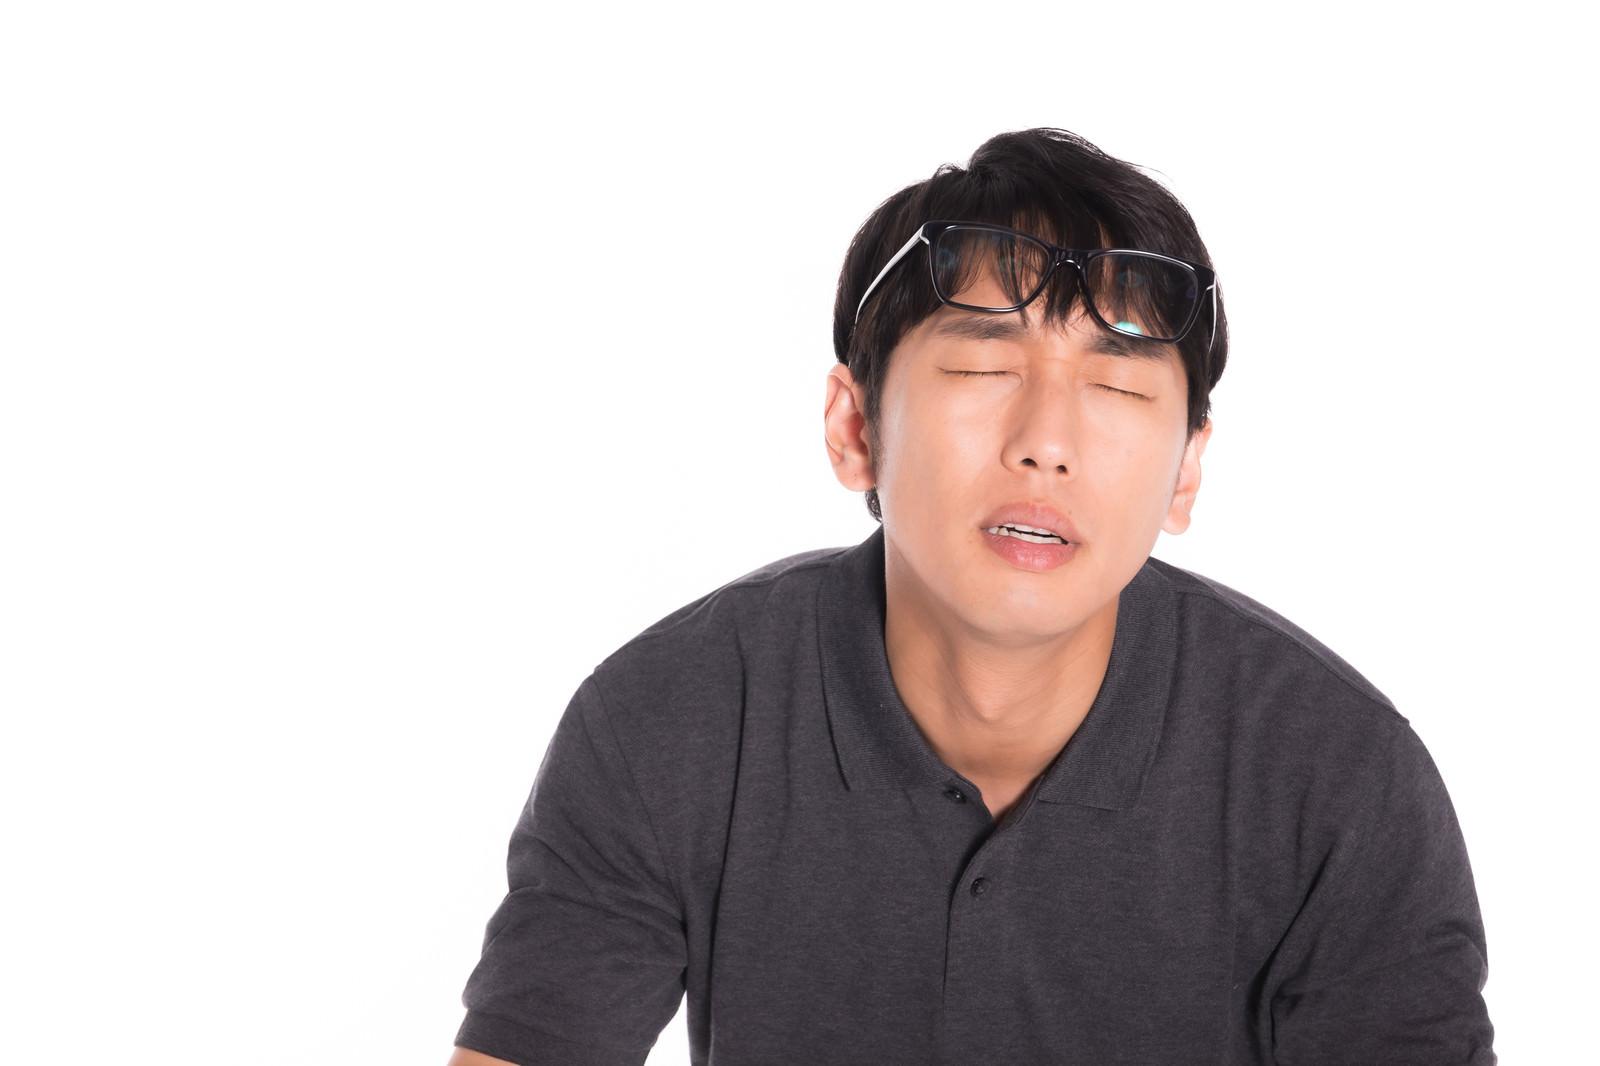 「おでこのメガネでデコデコデコリーン」の写真[モデル:大川竜弥]